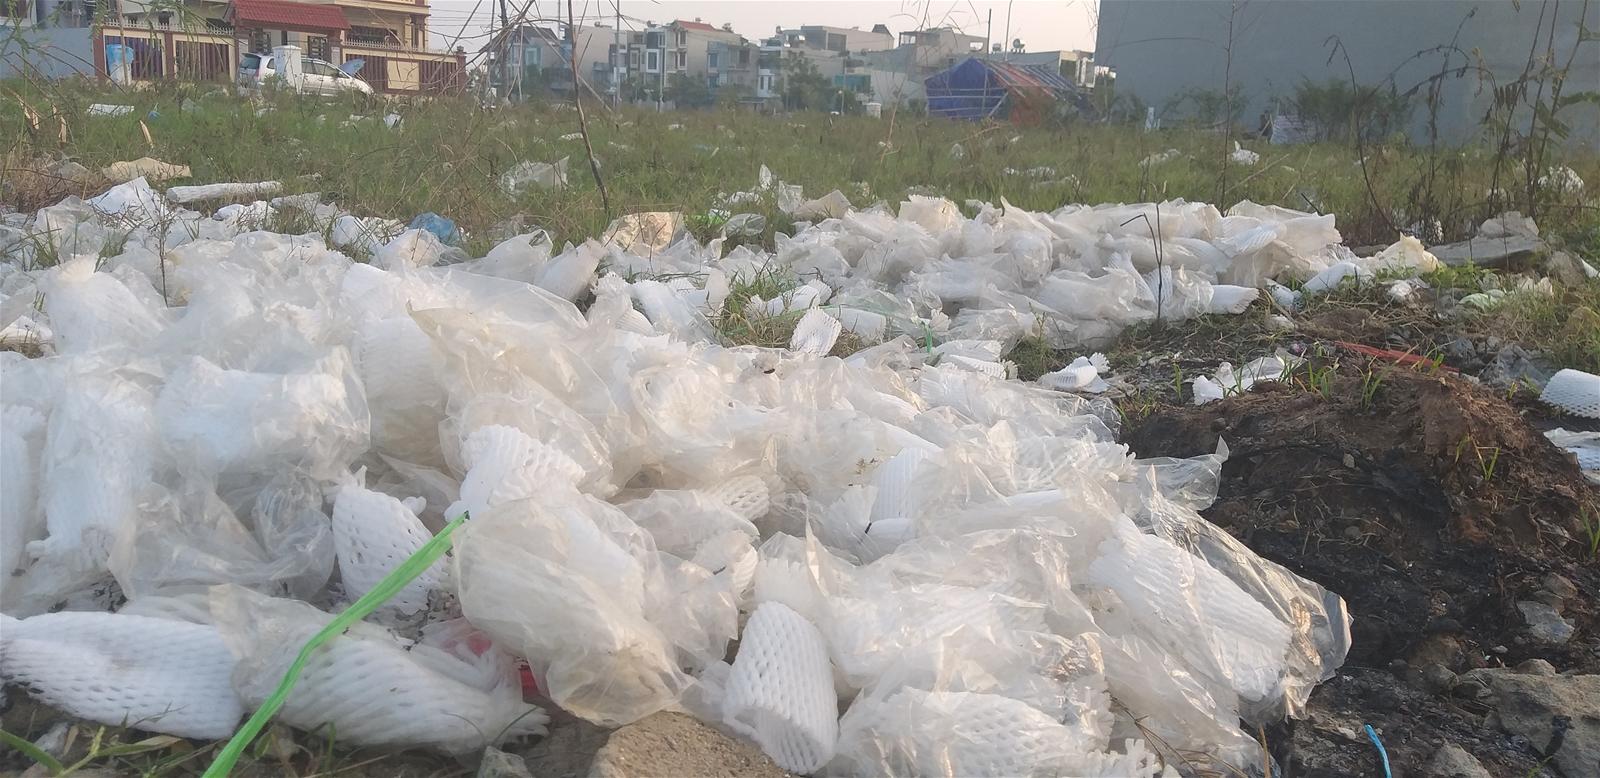 Thanh Hóa: Dân khốn khổ vì rác thải từ chợ tự phát